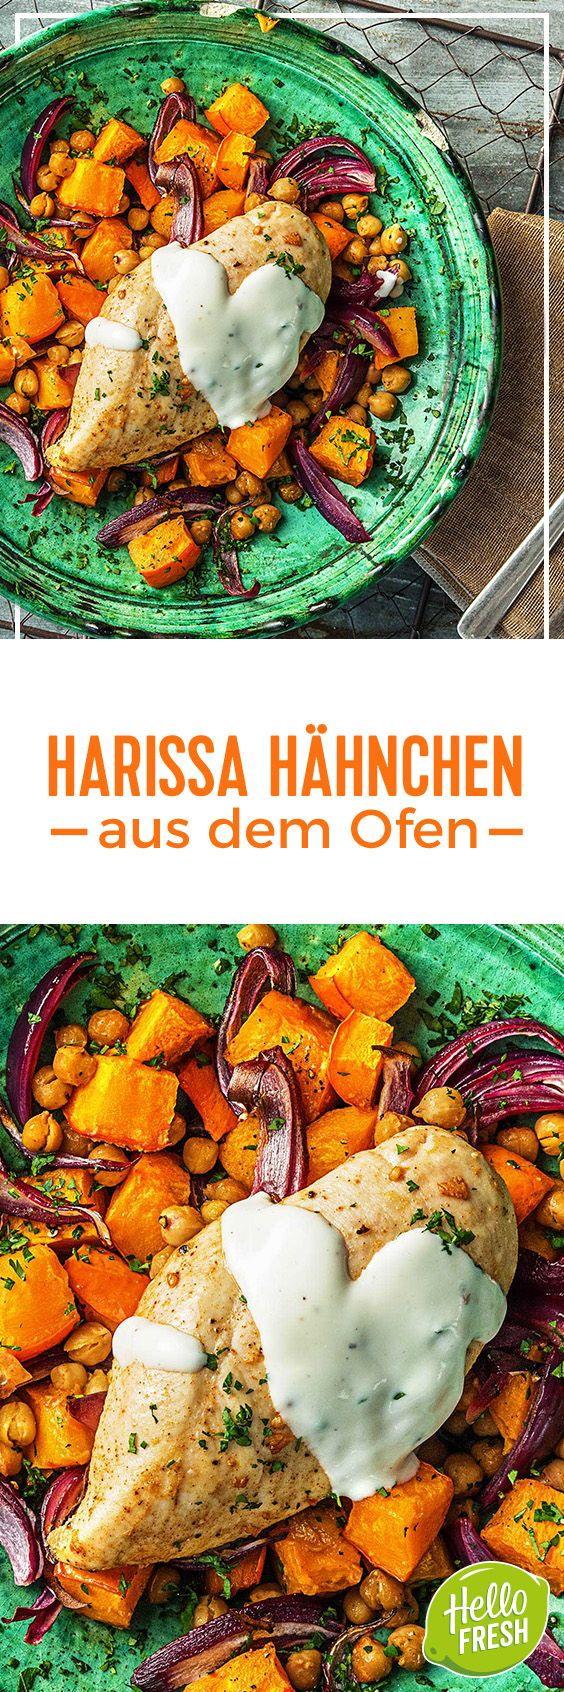 Würziges Ofen-Harissa-Hähnchen mit Süßkartoffel-Kichererbsen-Gemüse ...